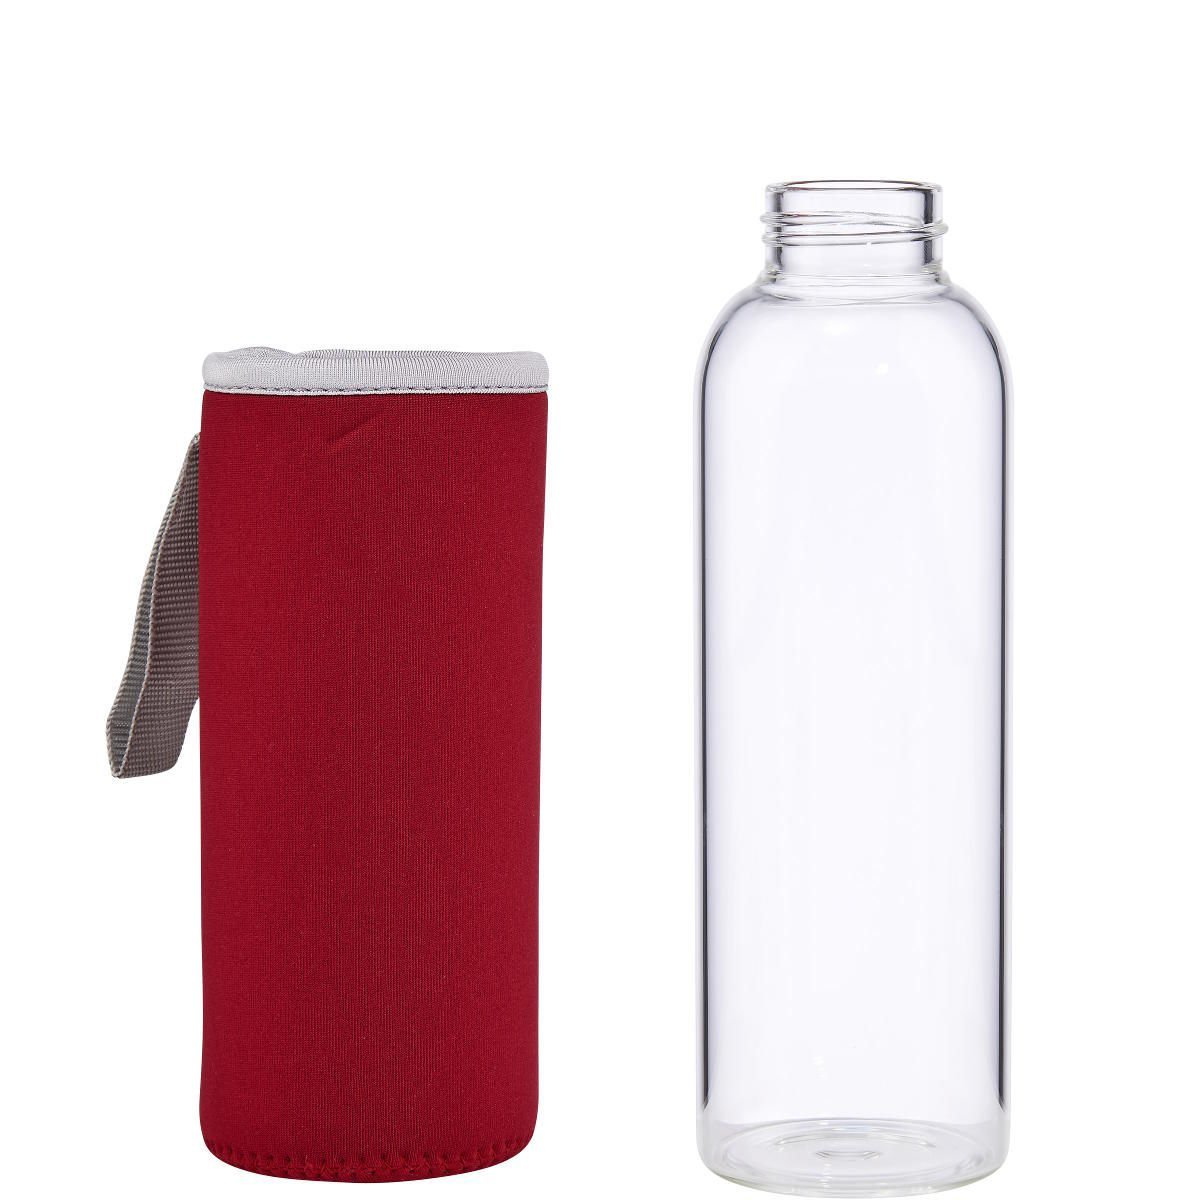 Bild 3 von Trinkflasche mit Tasche 0,5 l